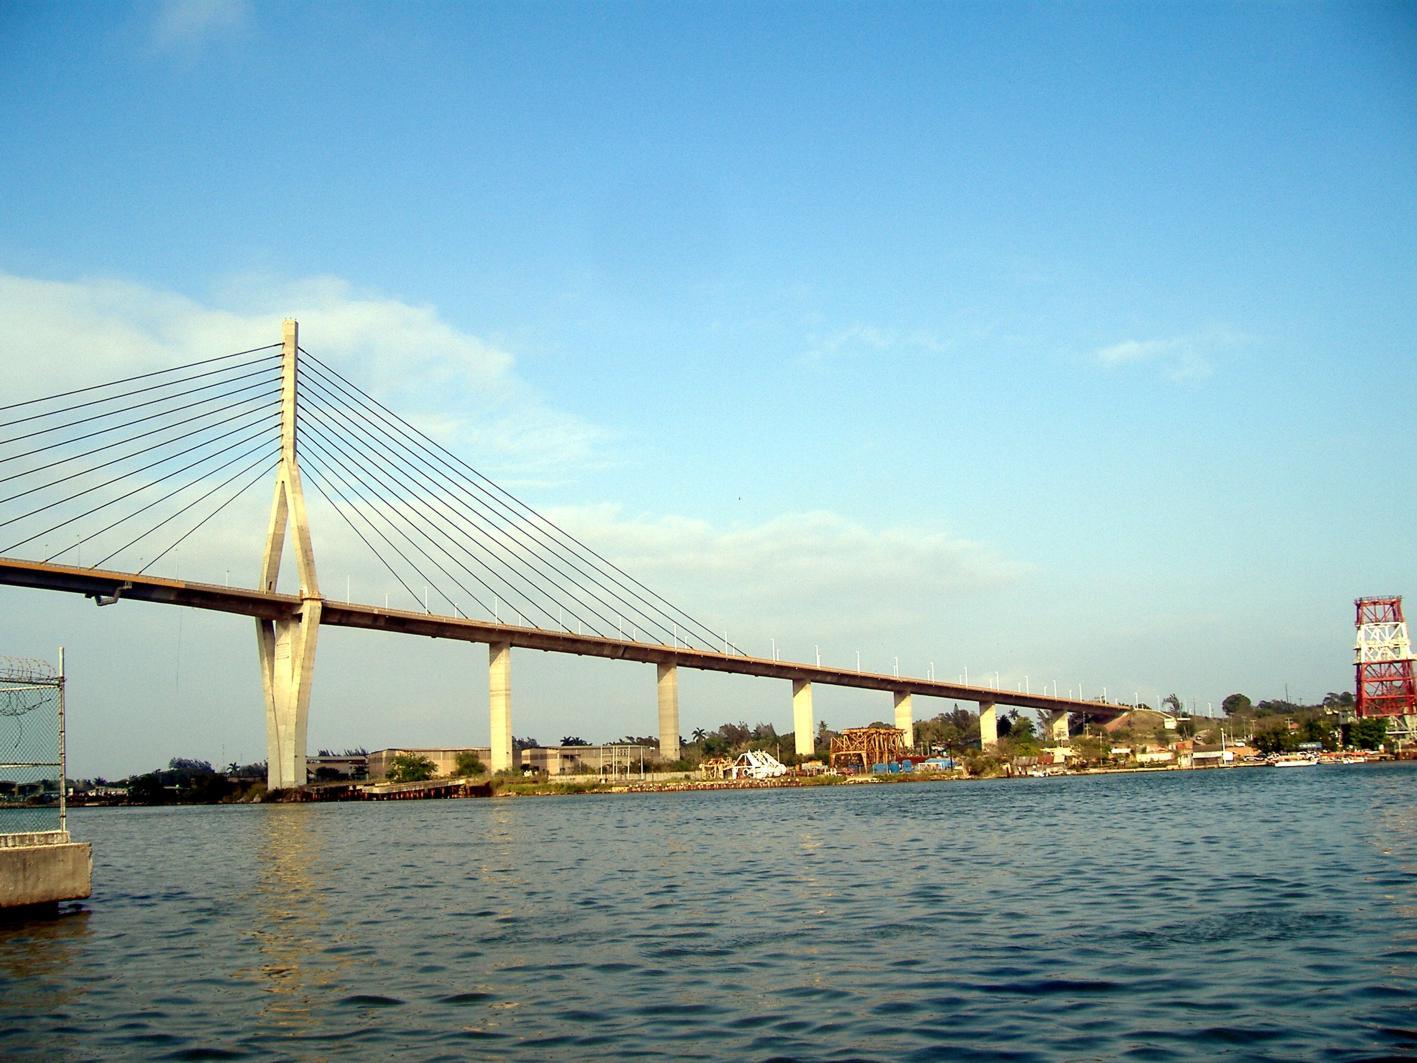 Tampico Mexico  city photos gallery : Puente de tirantes de Tampico